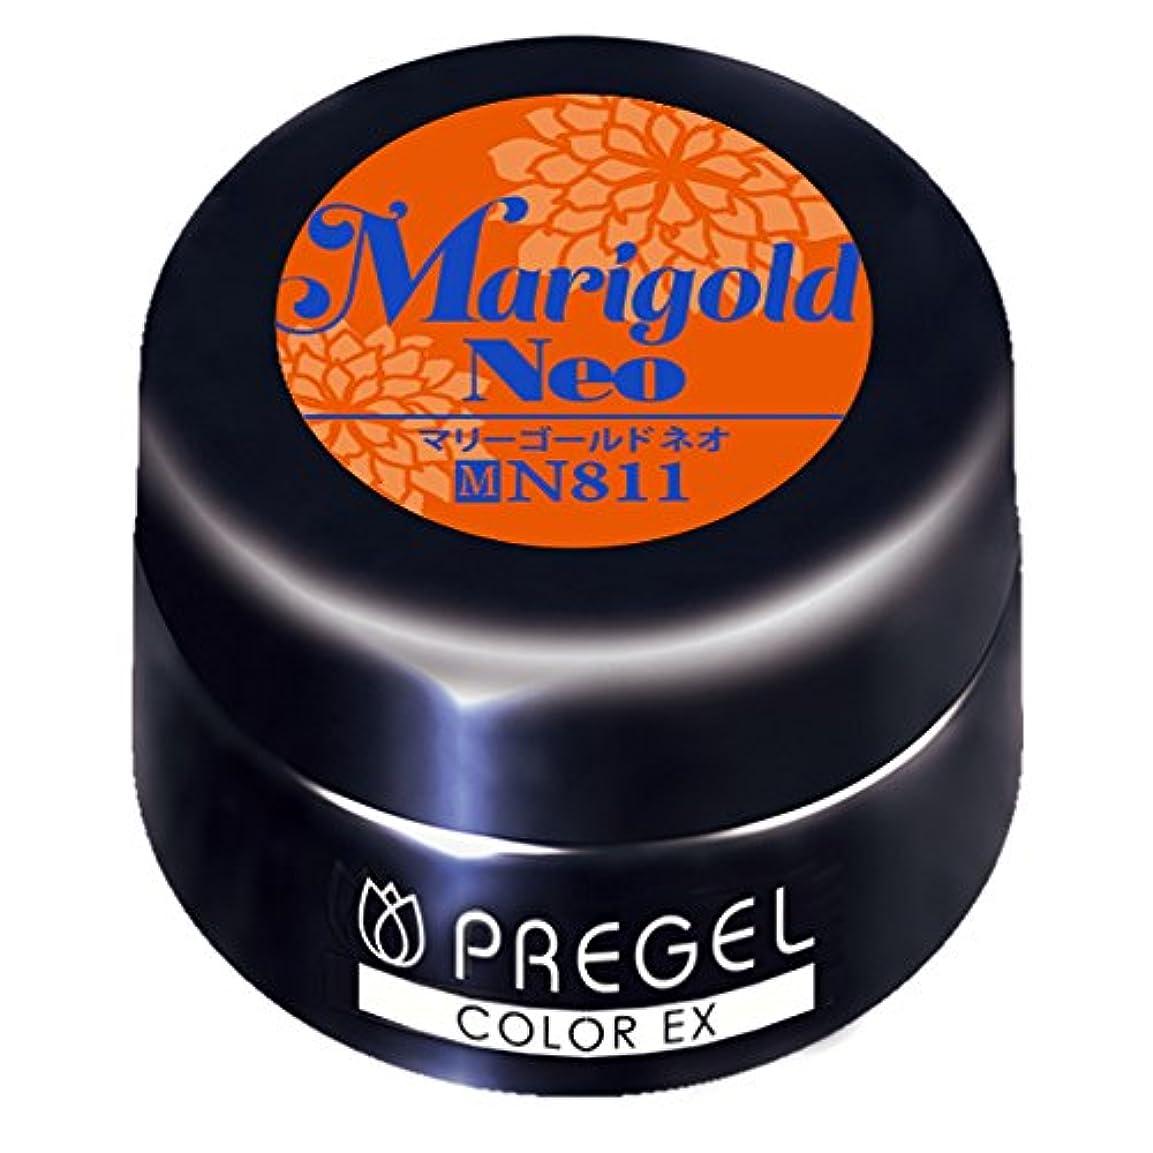 ブリーフケース後方汚物PRE GEL カラーEX マリーゴールドneo 811 3g UV/LED対応